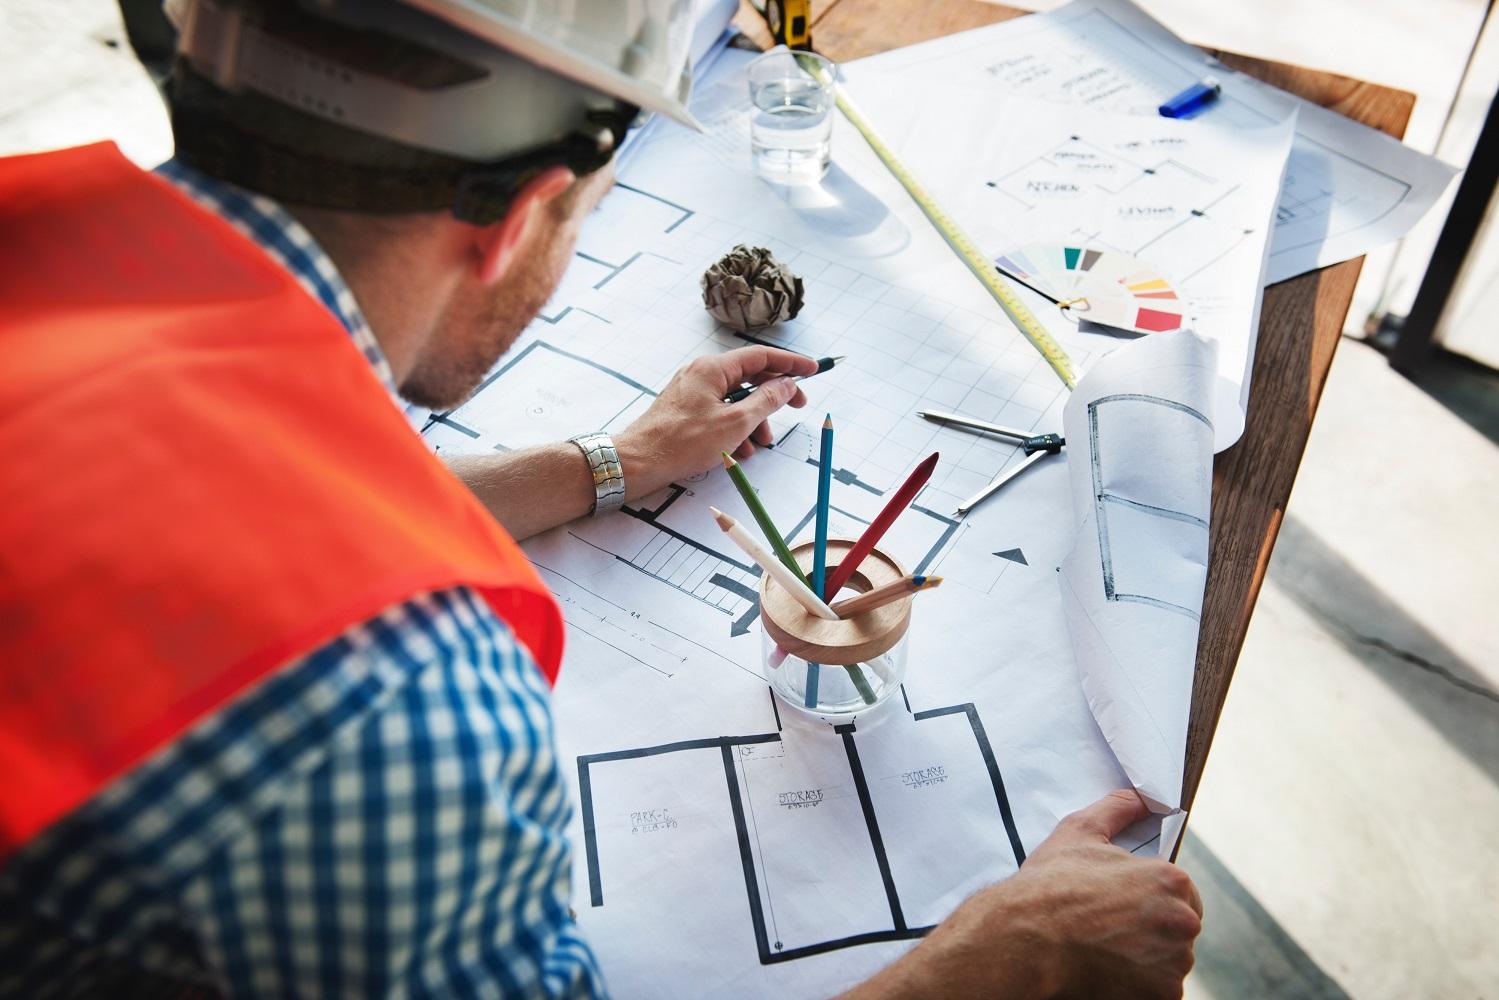 Tecnologia para gestão de projetos auxilia setor de construção